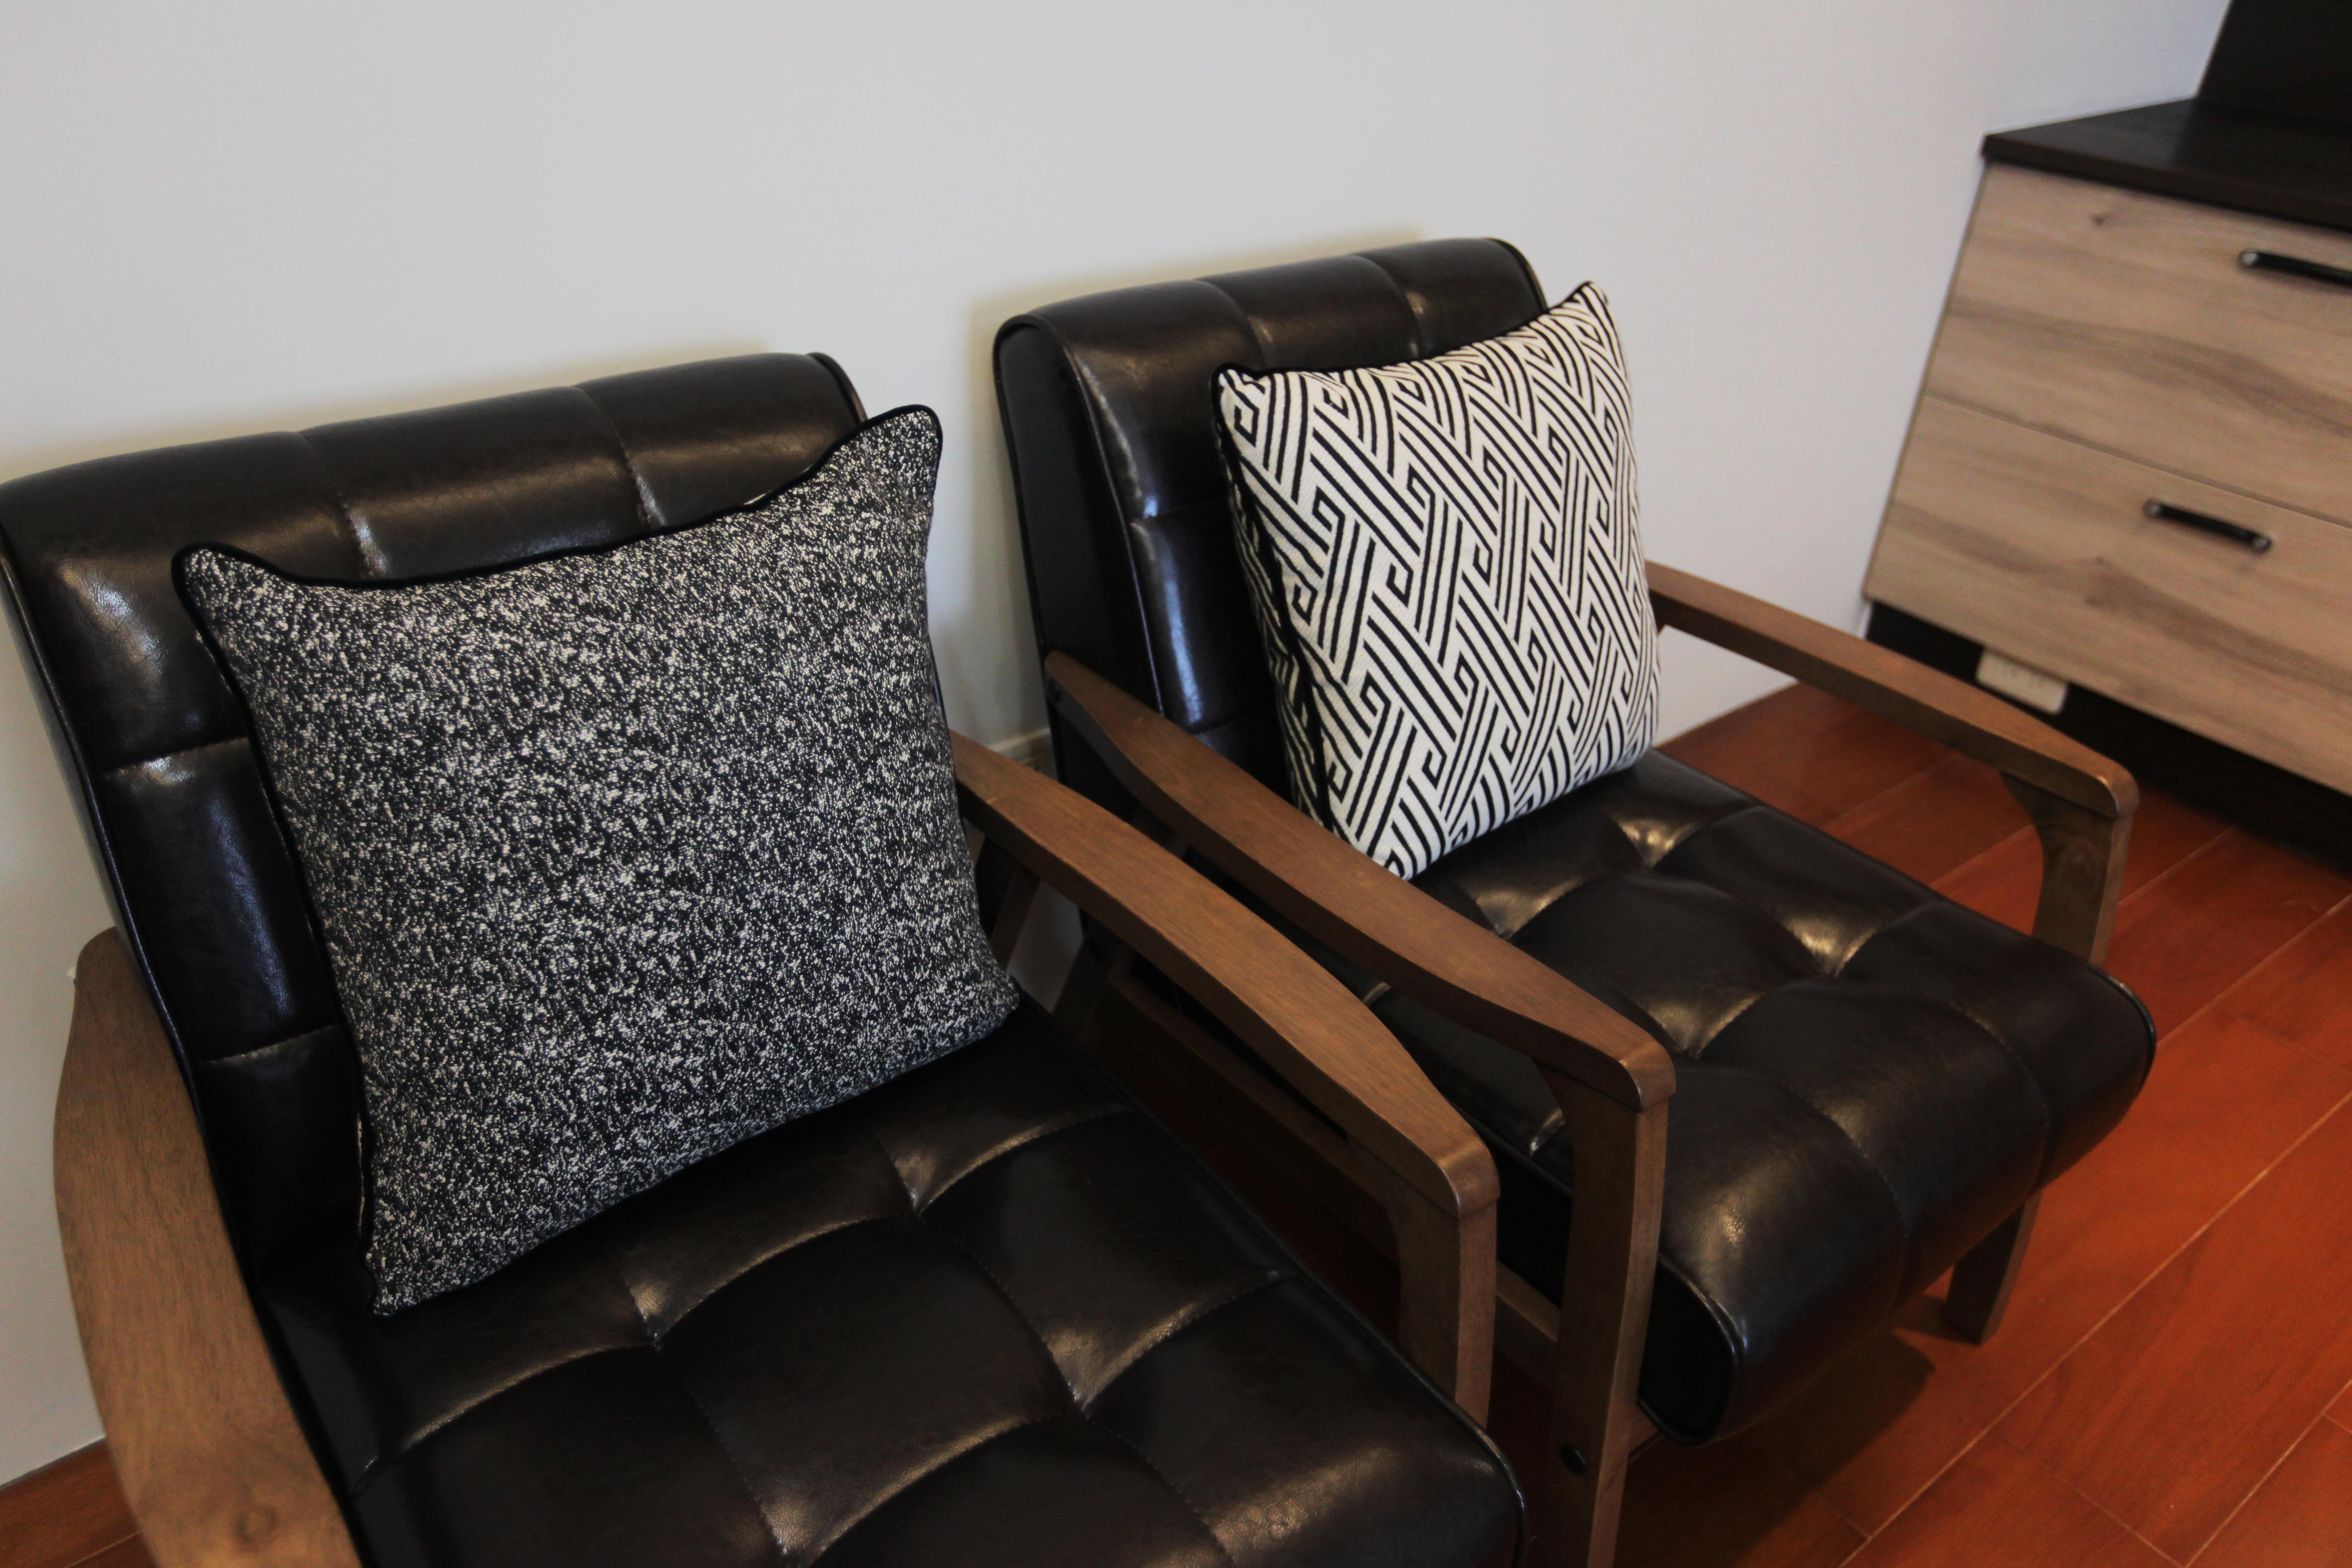 Laina IMG 4108 1 - [案例] 新古典輕奢華!林口醫生的家-捲簾.訂製布簾.百葉簾